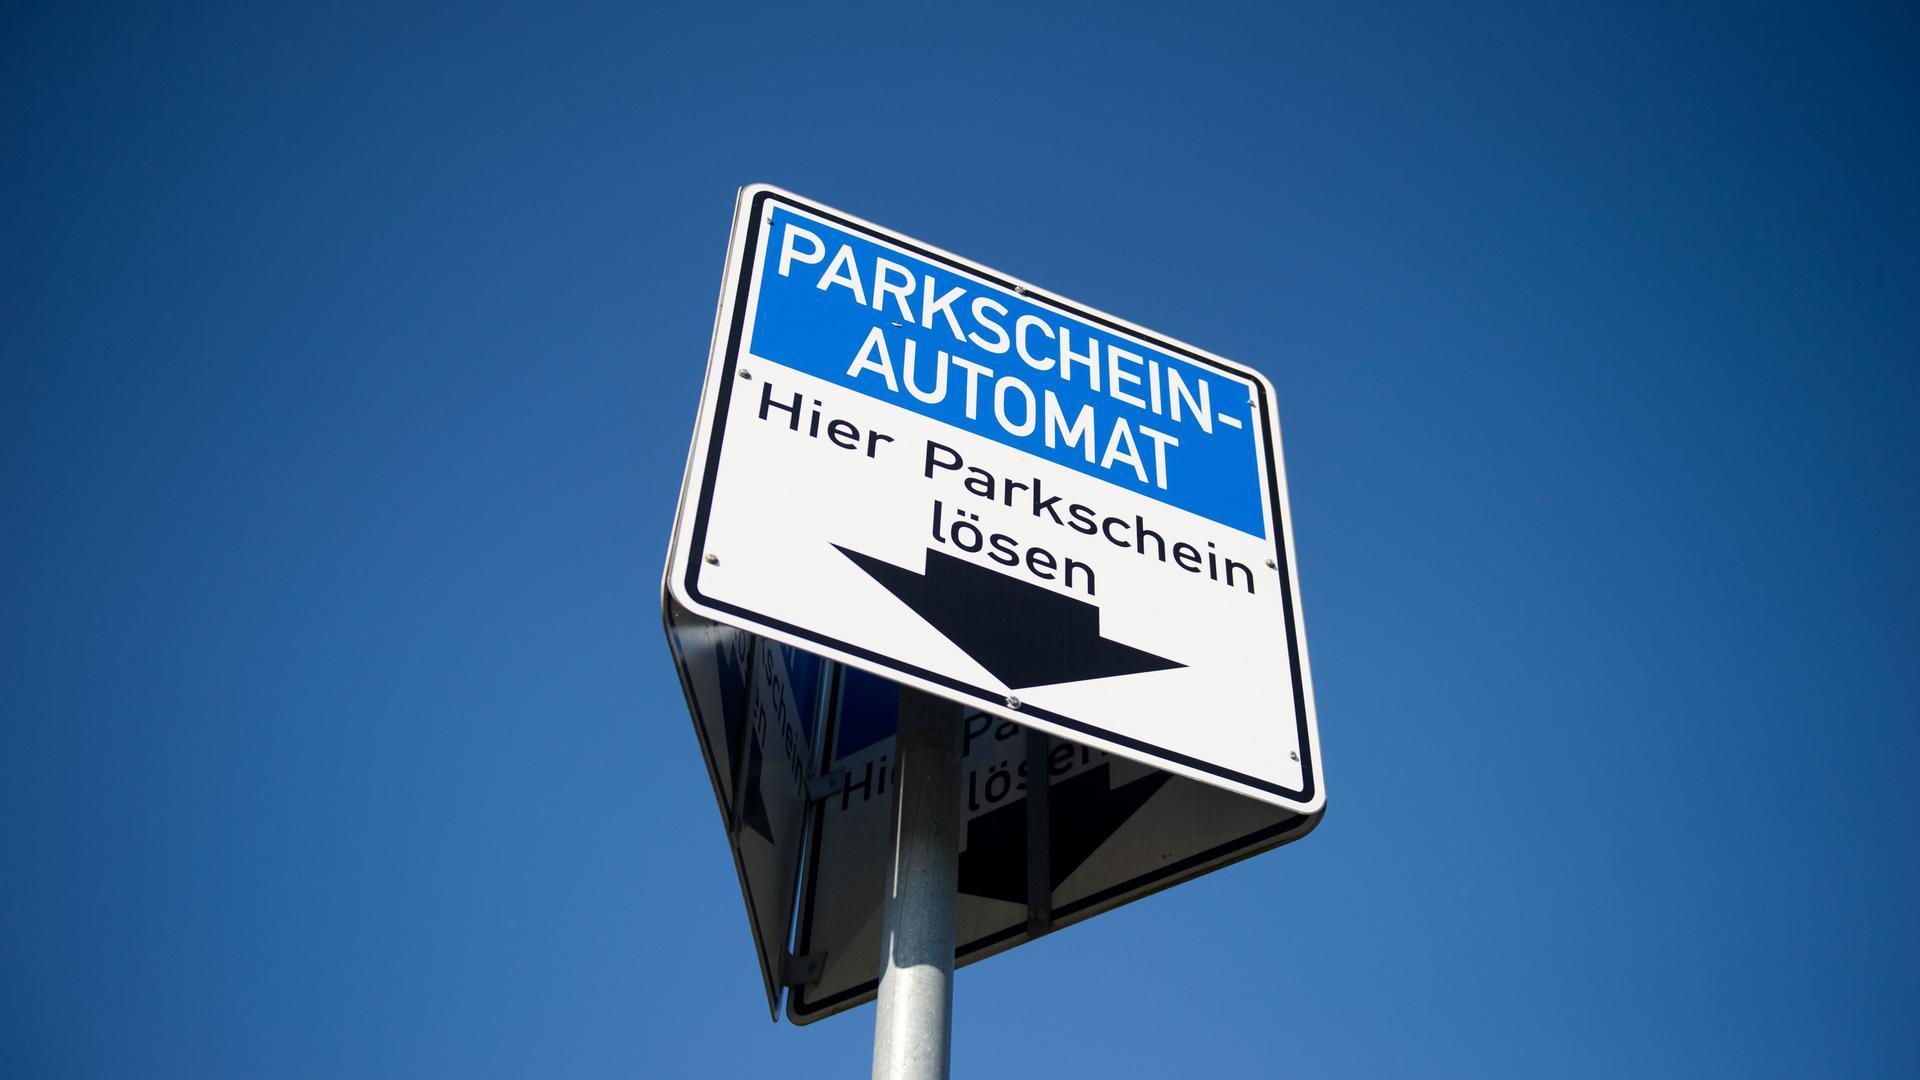 Emotional: Beim Thema Parken gehen die Meinungen im Gemeinderat weit auseinander. Am Ende entschied sich das Gremium doch für höhere Gebühren. F